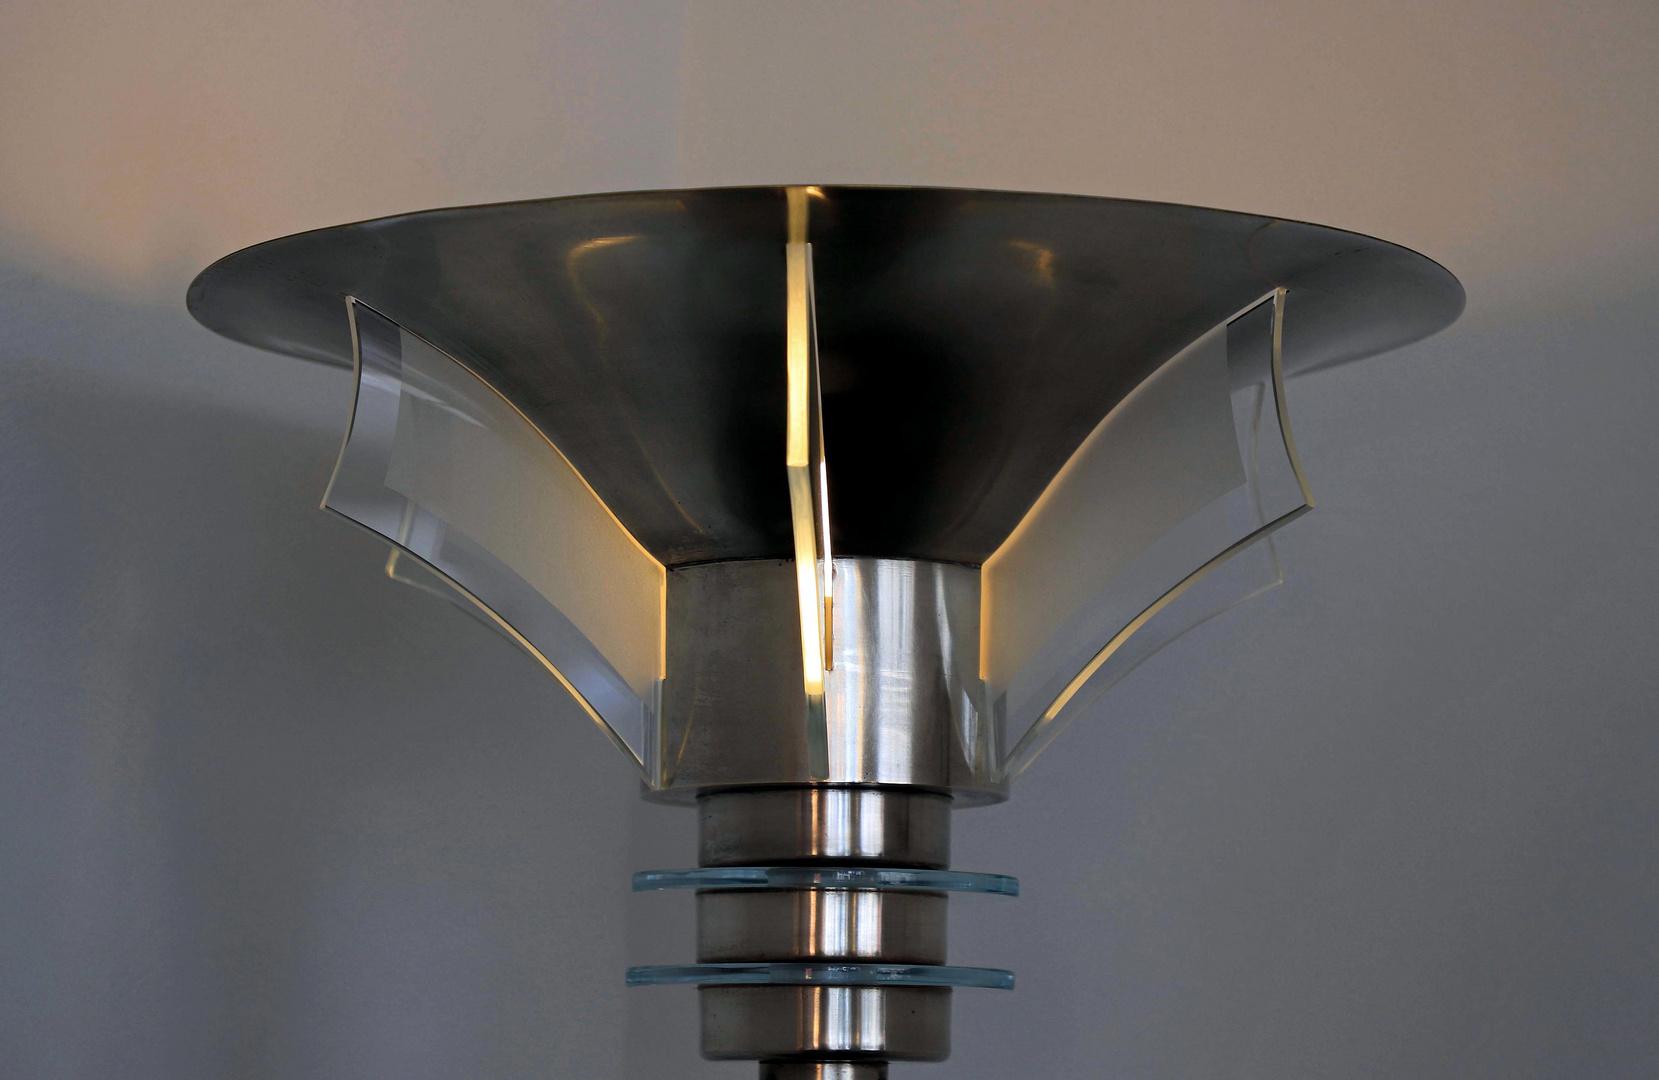 art deco lampe Foto & Bild | architektur, stilepochen, art ...